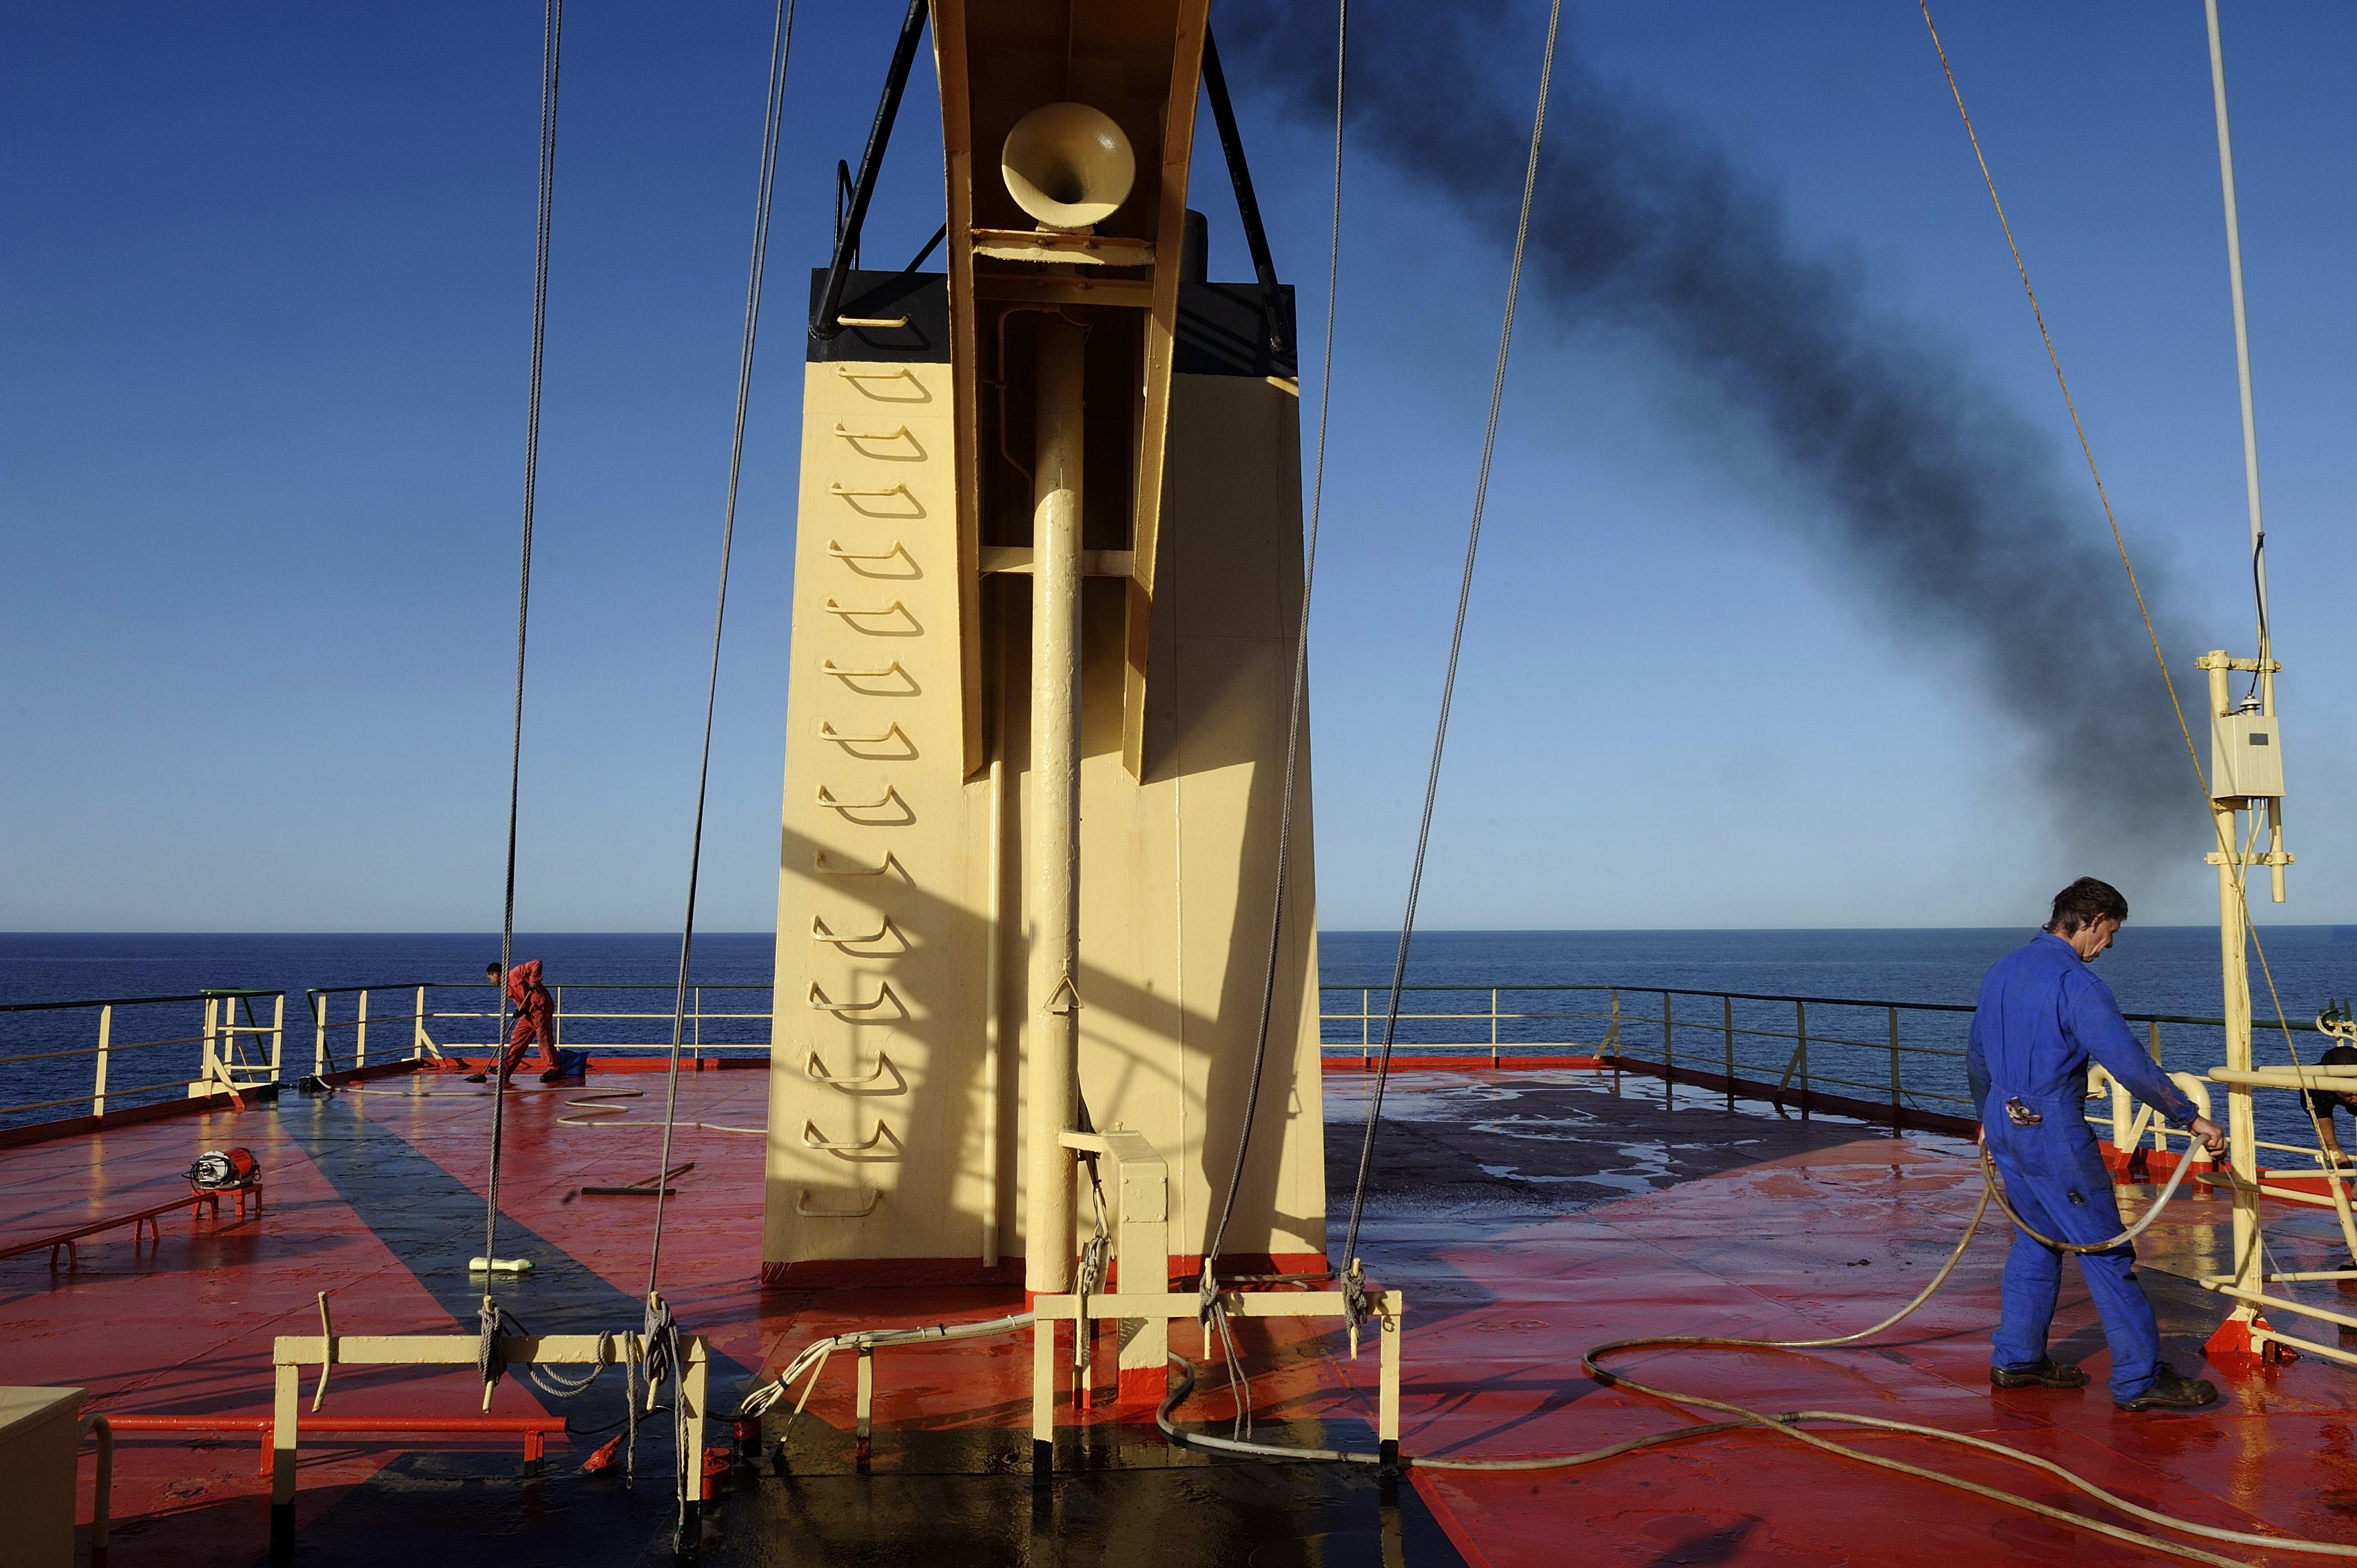 Idrocarburi: ogni settimana sversato in mare l'equivalente di un'Erika